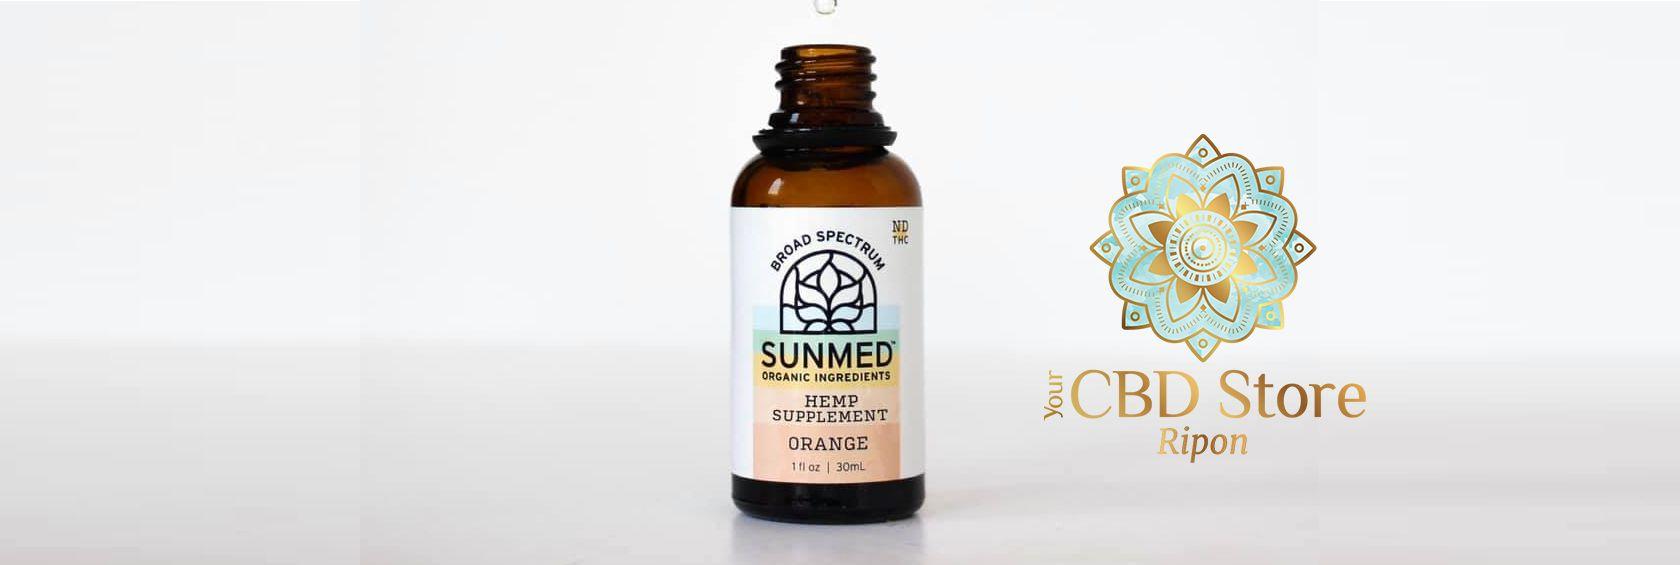 SunMed CBD oil